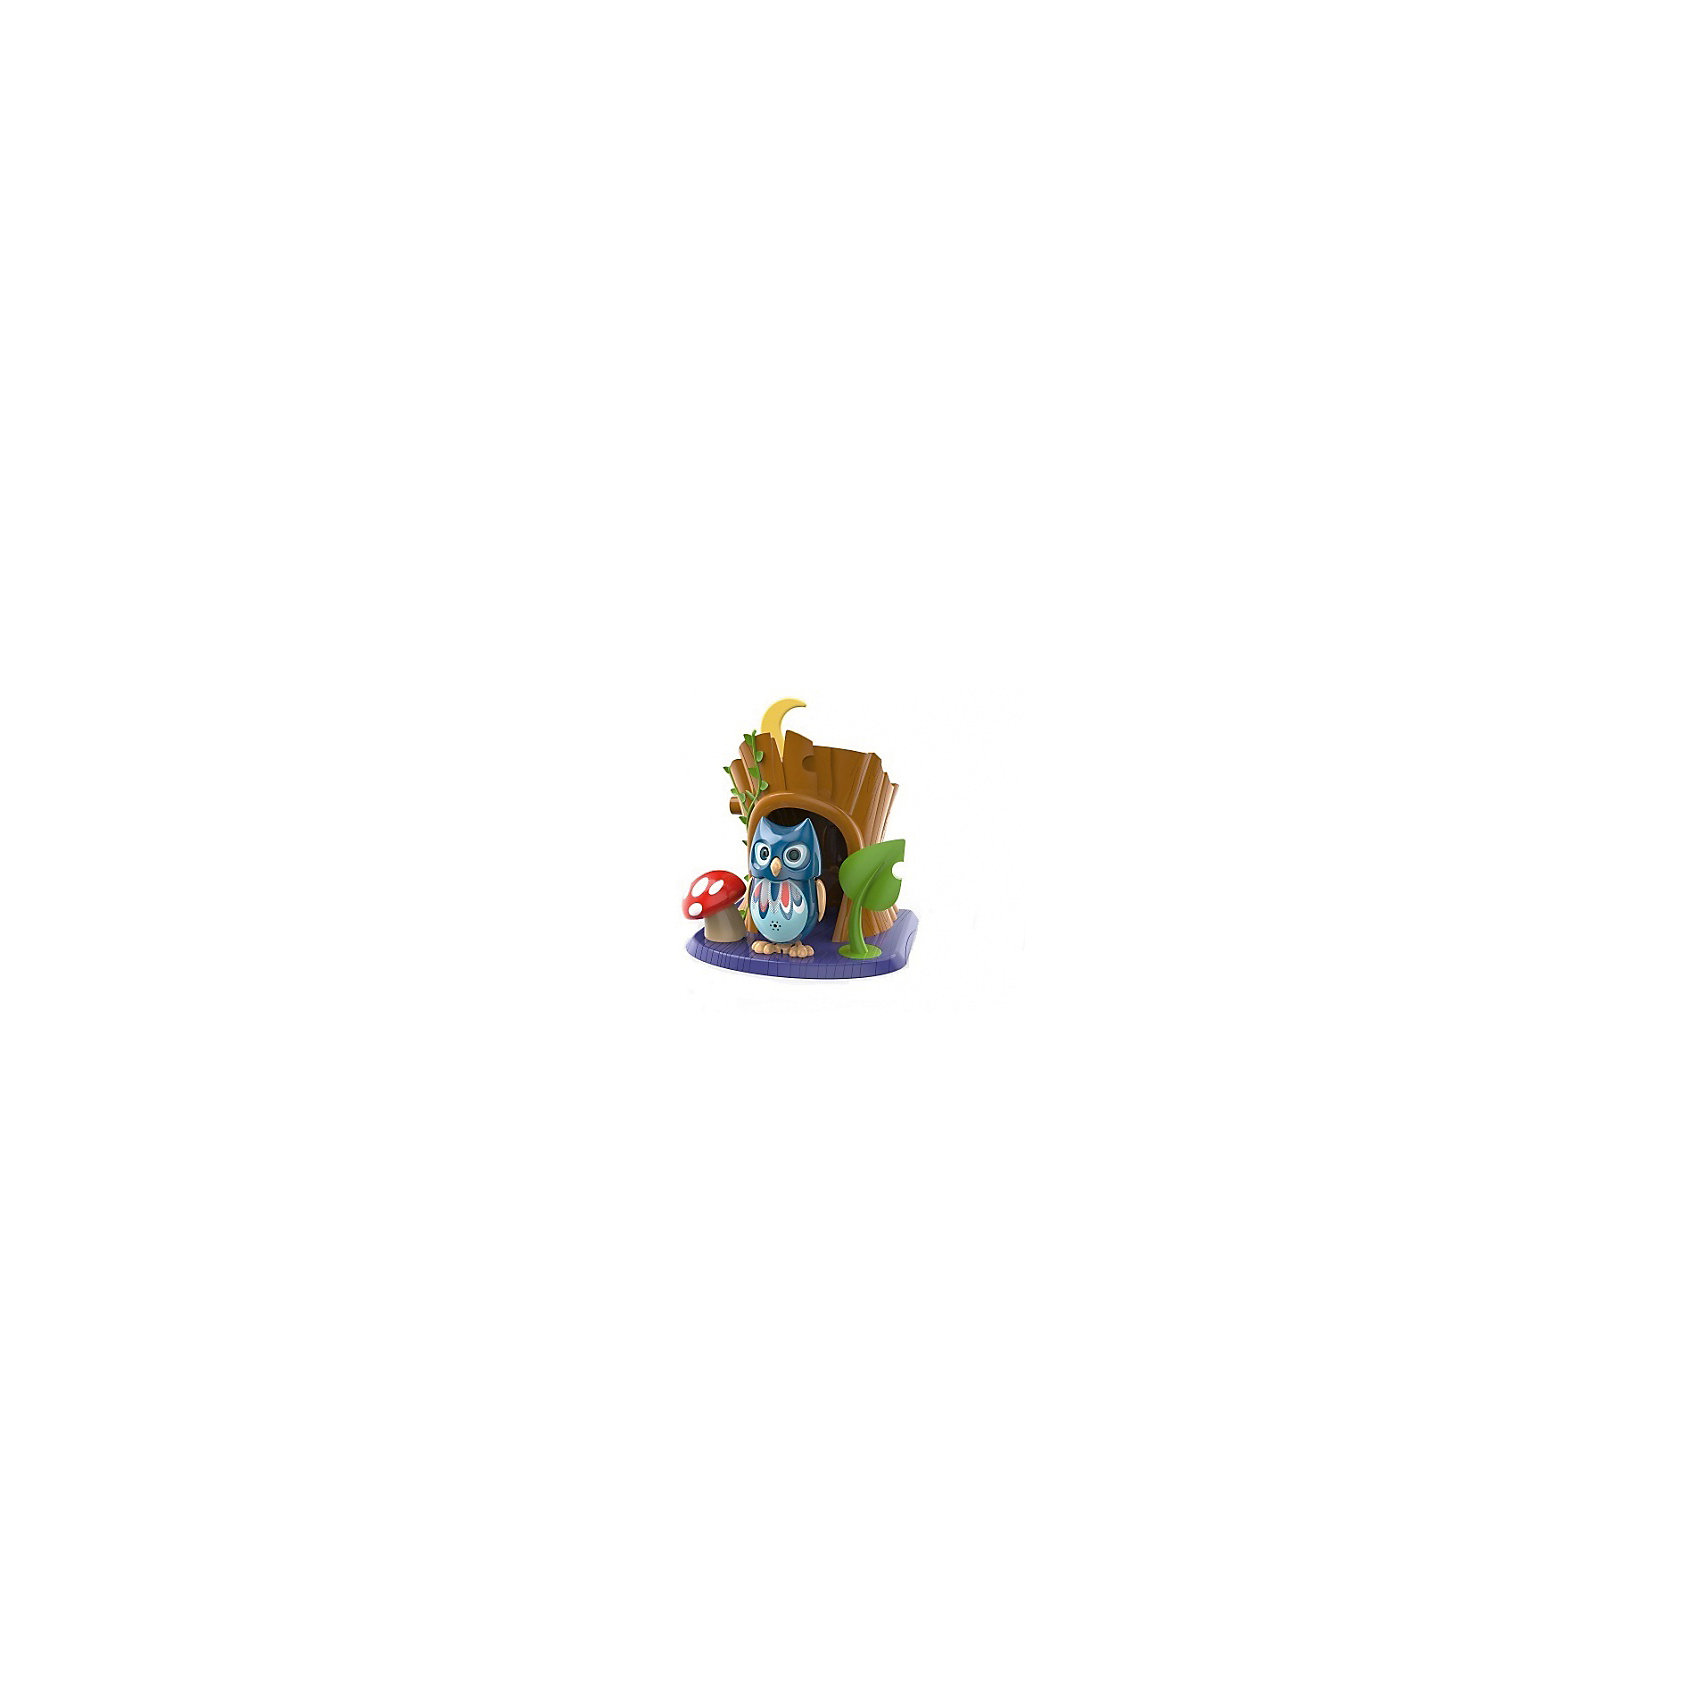 Поющая сова с домиком, синяя, DigiBirdsИнтерактивные животные<br>Поющая сова с домиком, синяя, DigiBirds, Silverlit (Сильверлит) ? еще одна вариация на тему интерактивной птички от мирового производителя детских товаров Silverlit (Сильверлит). Сова оснащена световыми и звуковыми эффектами. Ее творческий репертуар состоит из 55 песенок, которые исполняются как в сольном виде, так и в хоровом. Имея столь разнообразный репертуар, эта игрушка вряд ли быстро наскучит вашему ребенку. Активируется сова тремя способами: на нее достаточно подуть или посвистеть в свисток, который идет в комплекте, или резко взмахнуть по воздуху, держа птичку в руке. Кроме того, сова умеет танцевать: в такт музыки машет крыльями, раскрывает клюв и поворачивает головой. Кроме того, пение сопровождается свечением больших очаровательных глаз.<br>Поющая сова с домиком, синяя, DigiBirds, Silverlit (Сильверлит)  ? совершенно уникальная игрушка, которая не только развлекает вашего ребенка, но и занимается его музыкальным развитием. В первую очередь, она способствует формированию музыкального слуха и памяти. Простые действия: подуть в свисток, подуть на сову ? простые, но очень эффективные упражнения, которые направлены на развитие речевого аппарата.<br>Поющая сова с домиком, синяя, DigiBirds, Silverlit (Сильверлит)  ? это миниатюрный музыкальный центр для вашего ребенка.<br><br>Дополнительная информация:<br><br>- Вид игр: сюжетно-ролевые игры <br>- Предназначение: для дома<br>- Дополнительные функции: синхронизация со всеми персонажами DigiFriends<br>- Батарейки: 3 шт. LR44<br>- Материал: высококачественный пластик<br>- Размер (ДхШхВ): 10,8*15,2*17,2 см<br>- Вес: 308 г<br>- Комплектация: сова, свисток, подставка-домик, инструкция, батарейки<br>- Особенности ухода: протирать влажной губкой<br><br>ВНИМАНИЕ! Данный артикул имеется в наличии в разных цветовых исполнениях (синий, зеленый, розовый). К сожалению, заранее выбрать определенный цвет невозможно. <br><br>Подробнее:<br><br>• Для детей в возрасте: